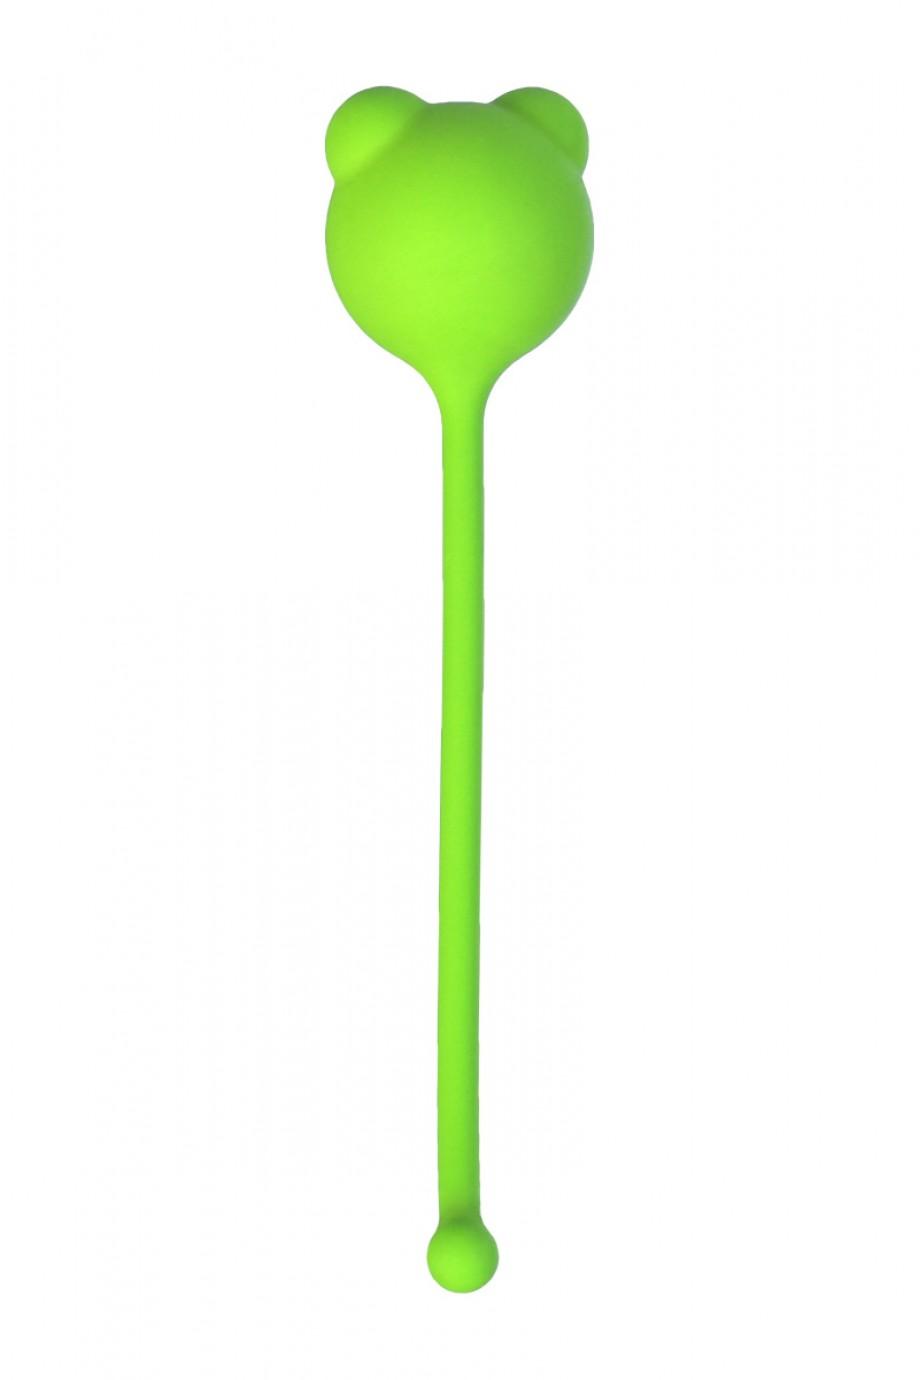 Вагинальный шарик A-Toys by TOYFA, зеленый, Ø 2,7